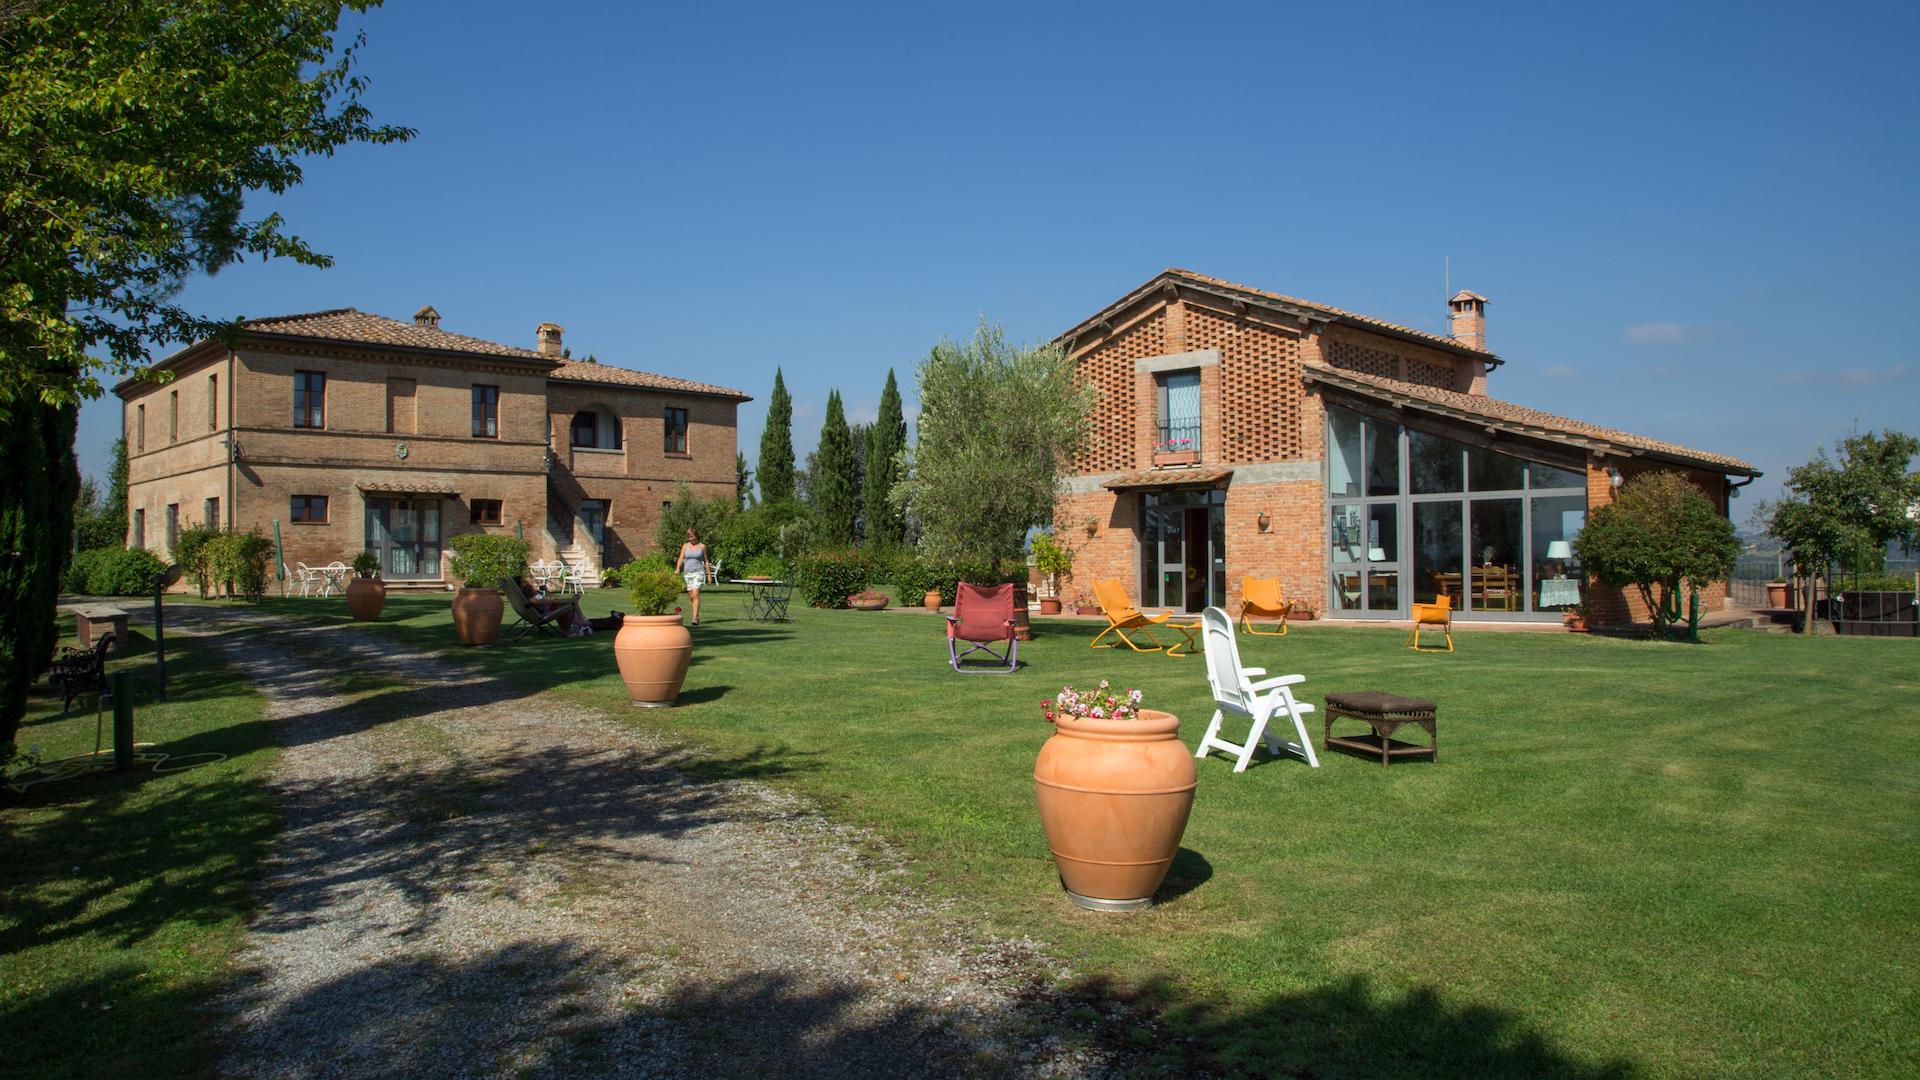 Relax in Crete Senesi, Tuscany